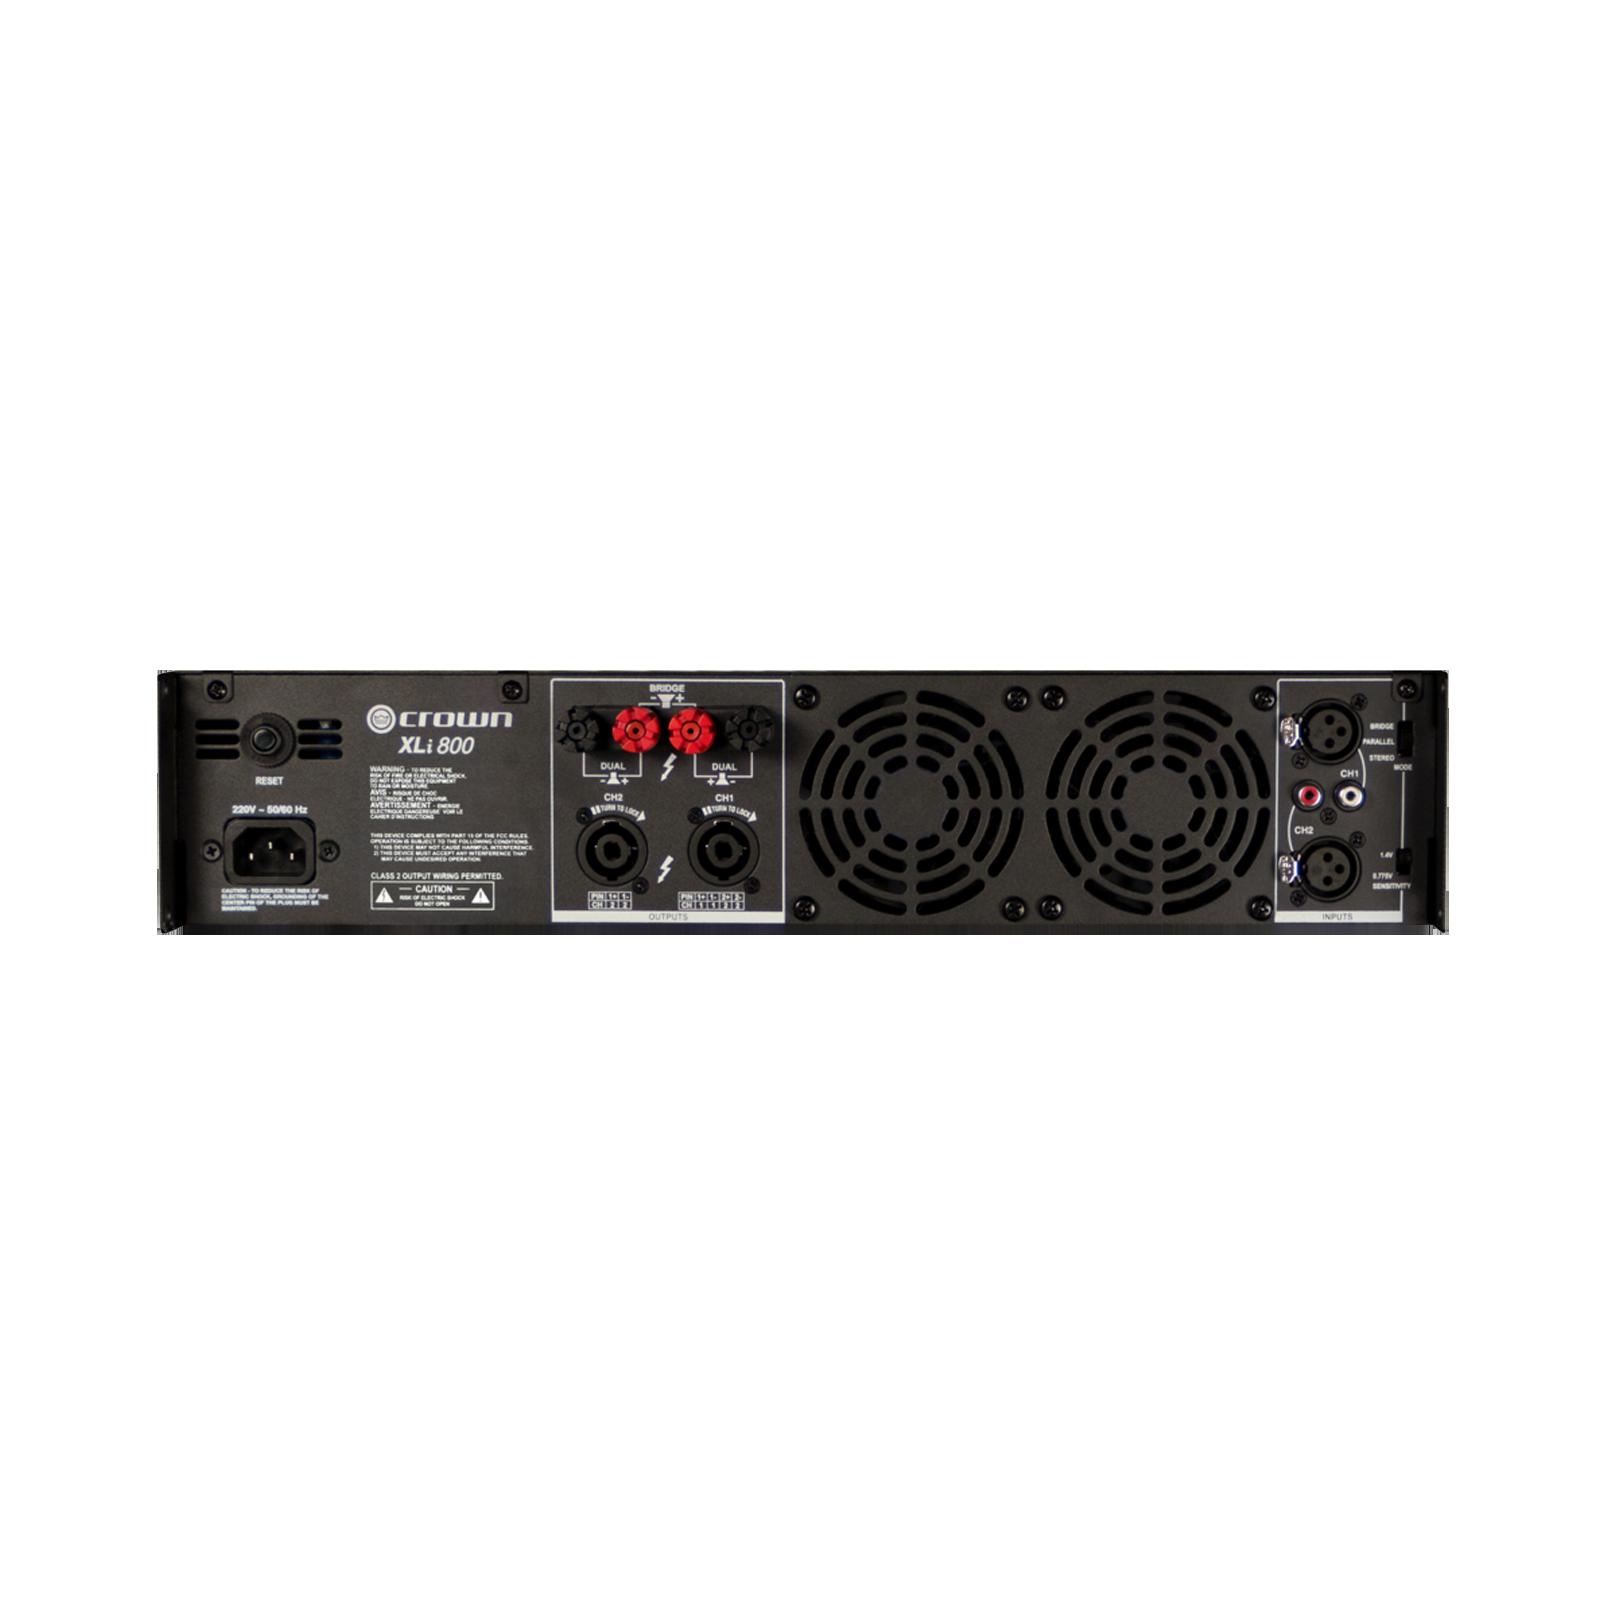 XLi 800 - Grey - Two-channel, 300W @ 4Ω power amplifier - Back